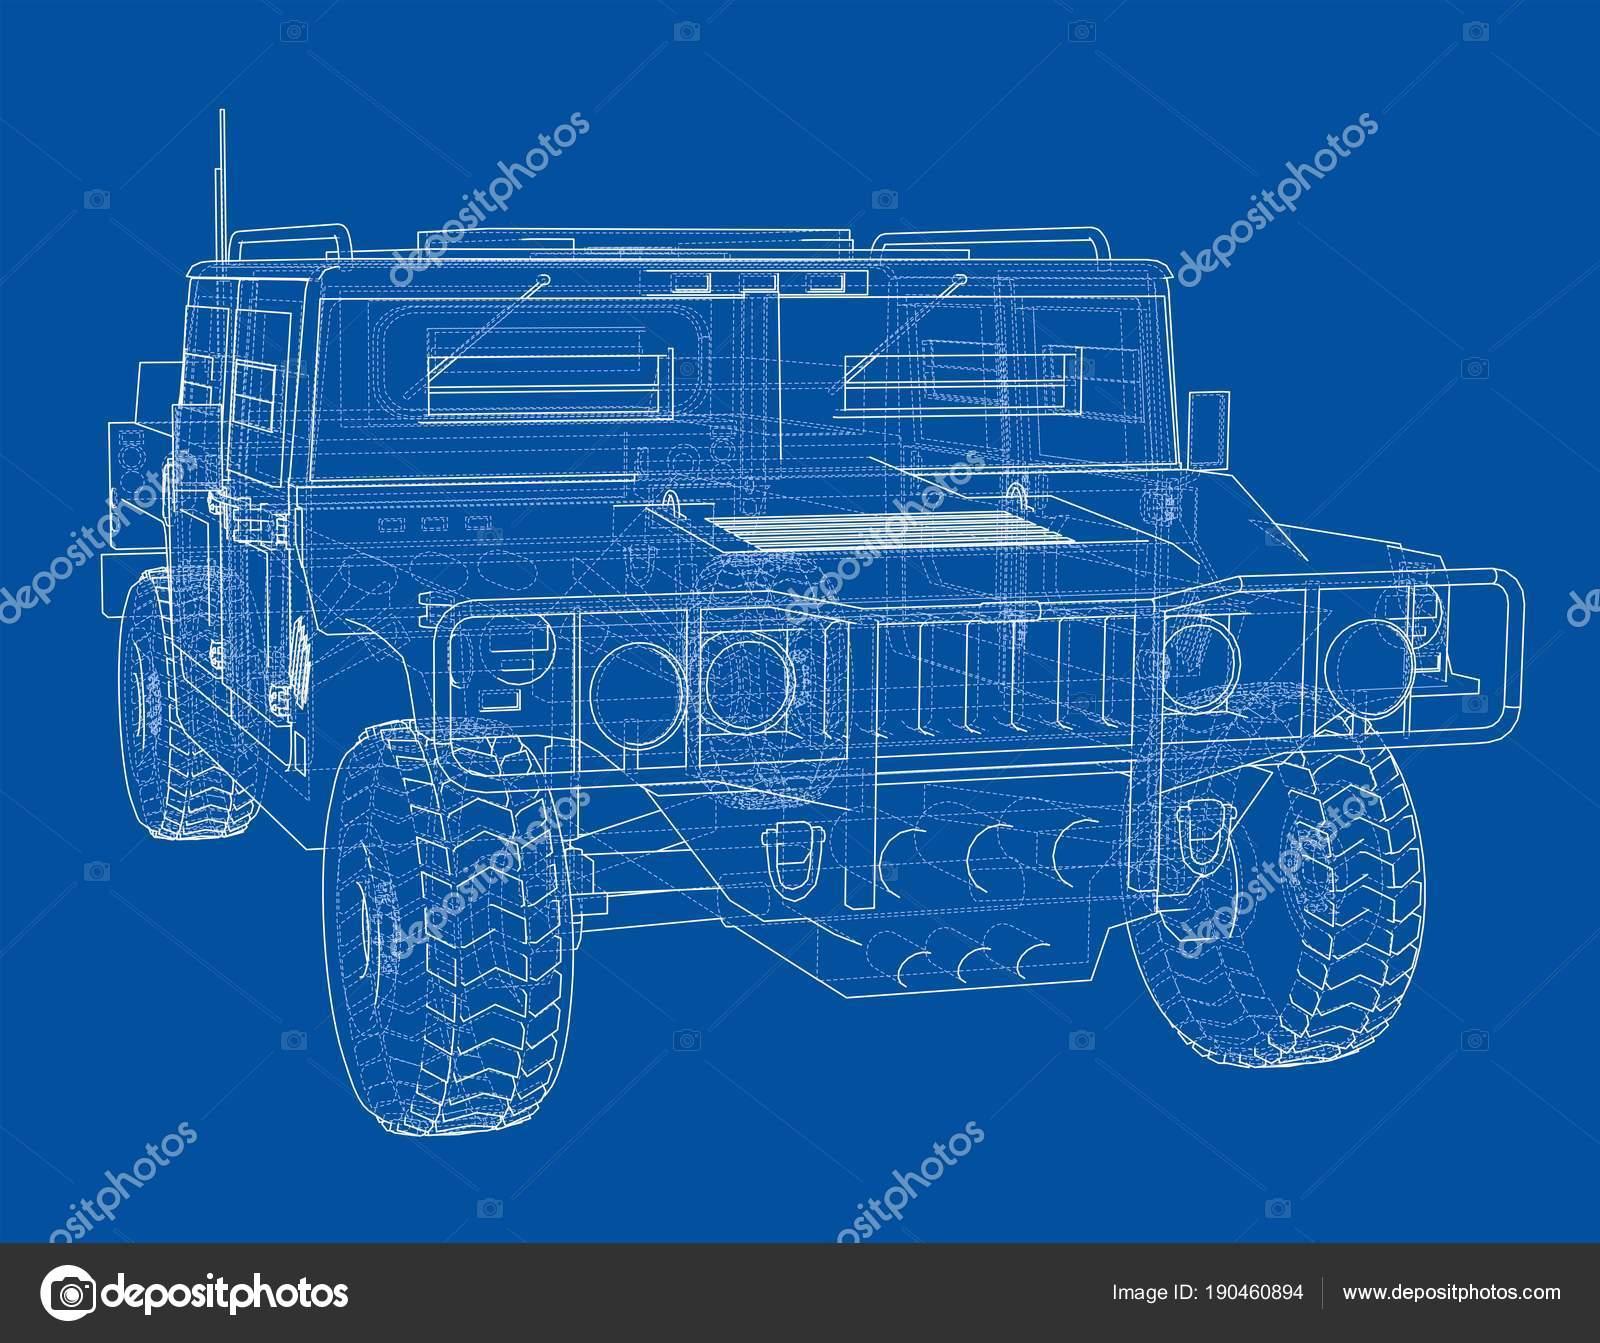 Auto Bauplan zu bekämpfen — Stockfoto © cherezoff #190460894